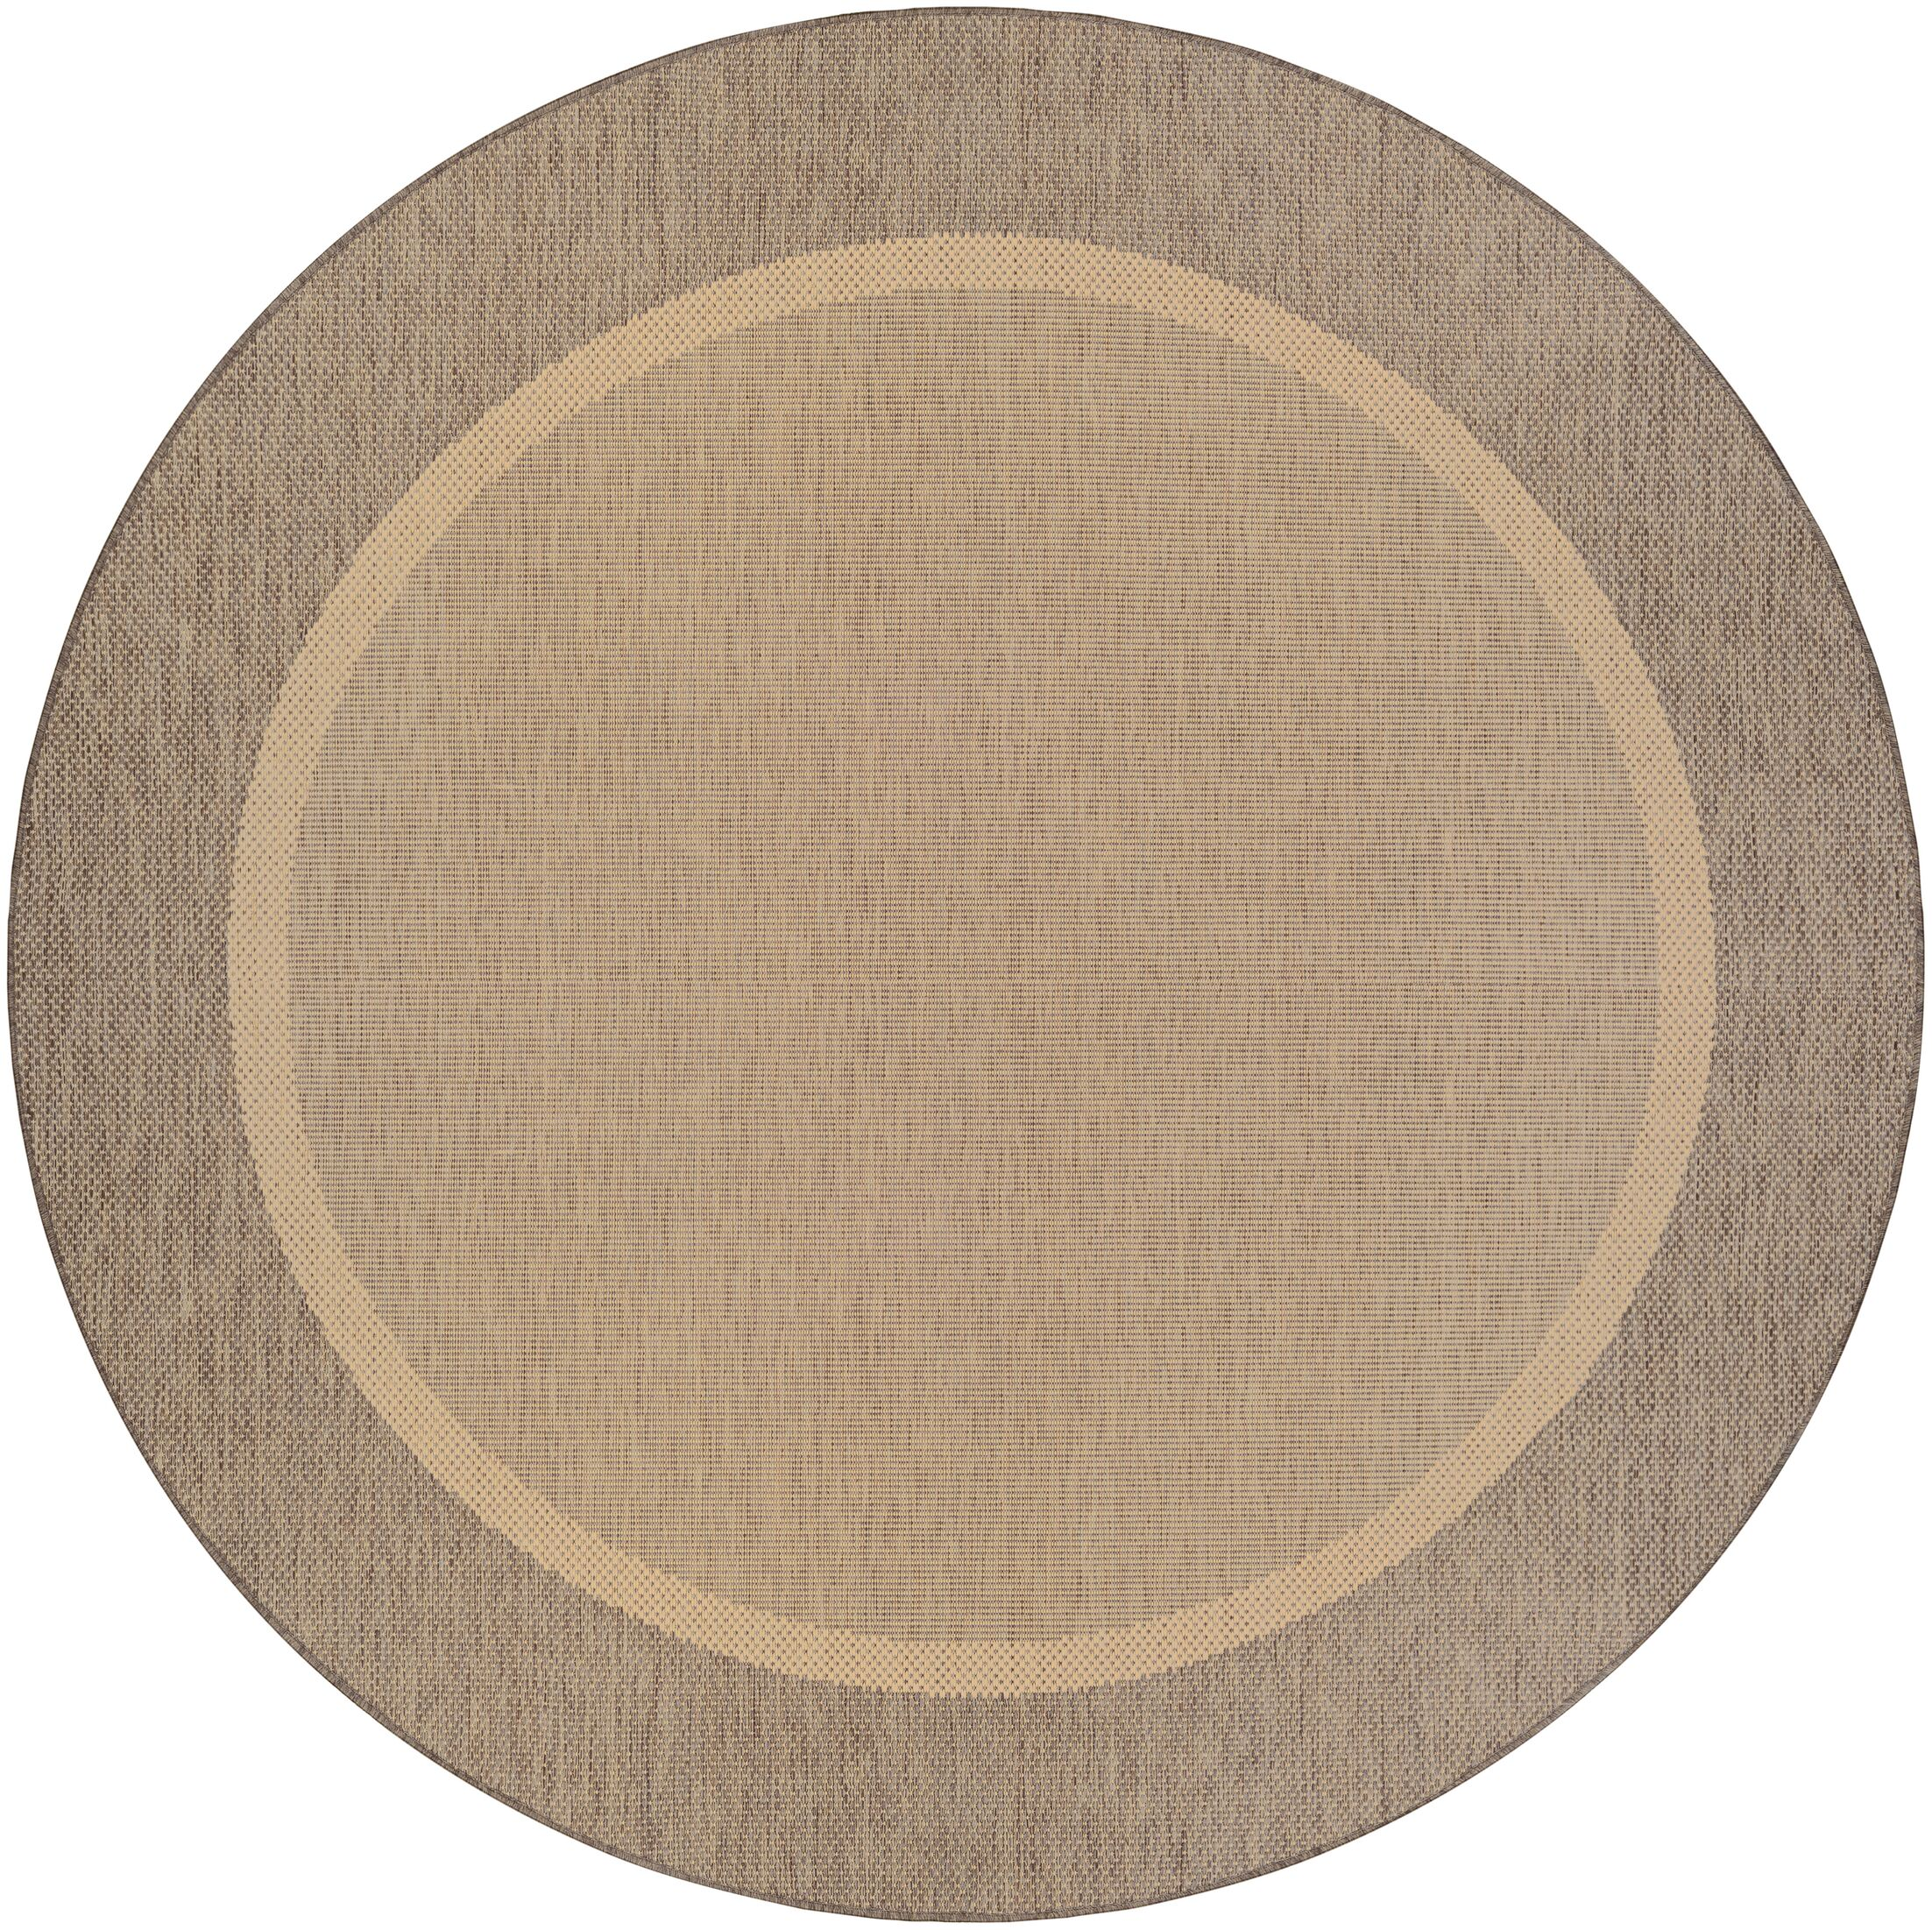 Linden Texture Beige/Brown Indoor/Outdoor Area Rug Rug Size: Rectangle 2' x 3'7